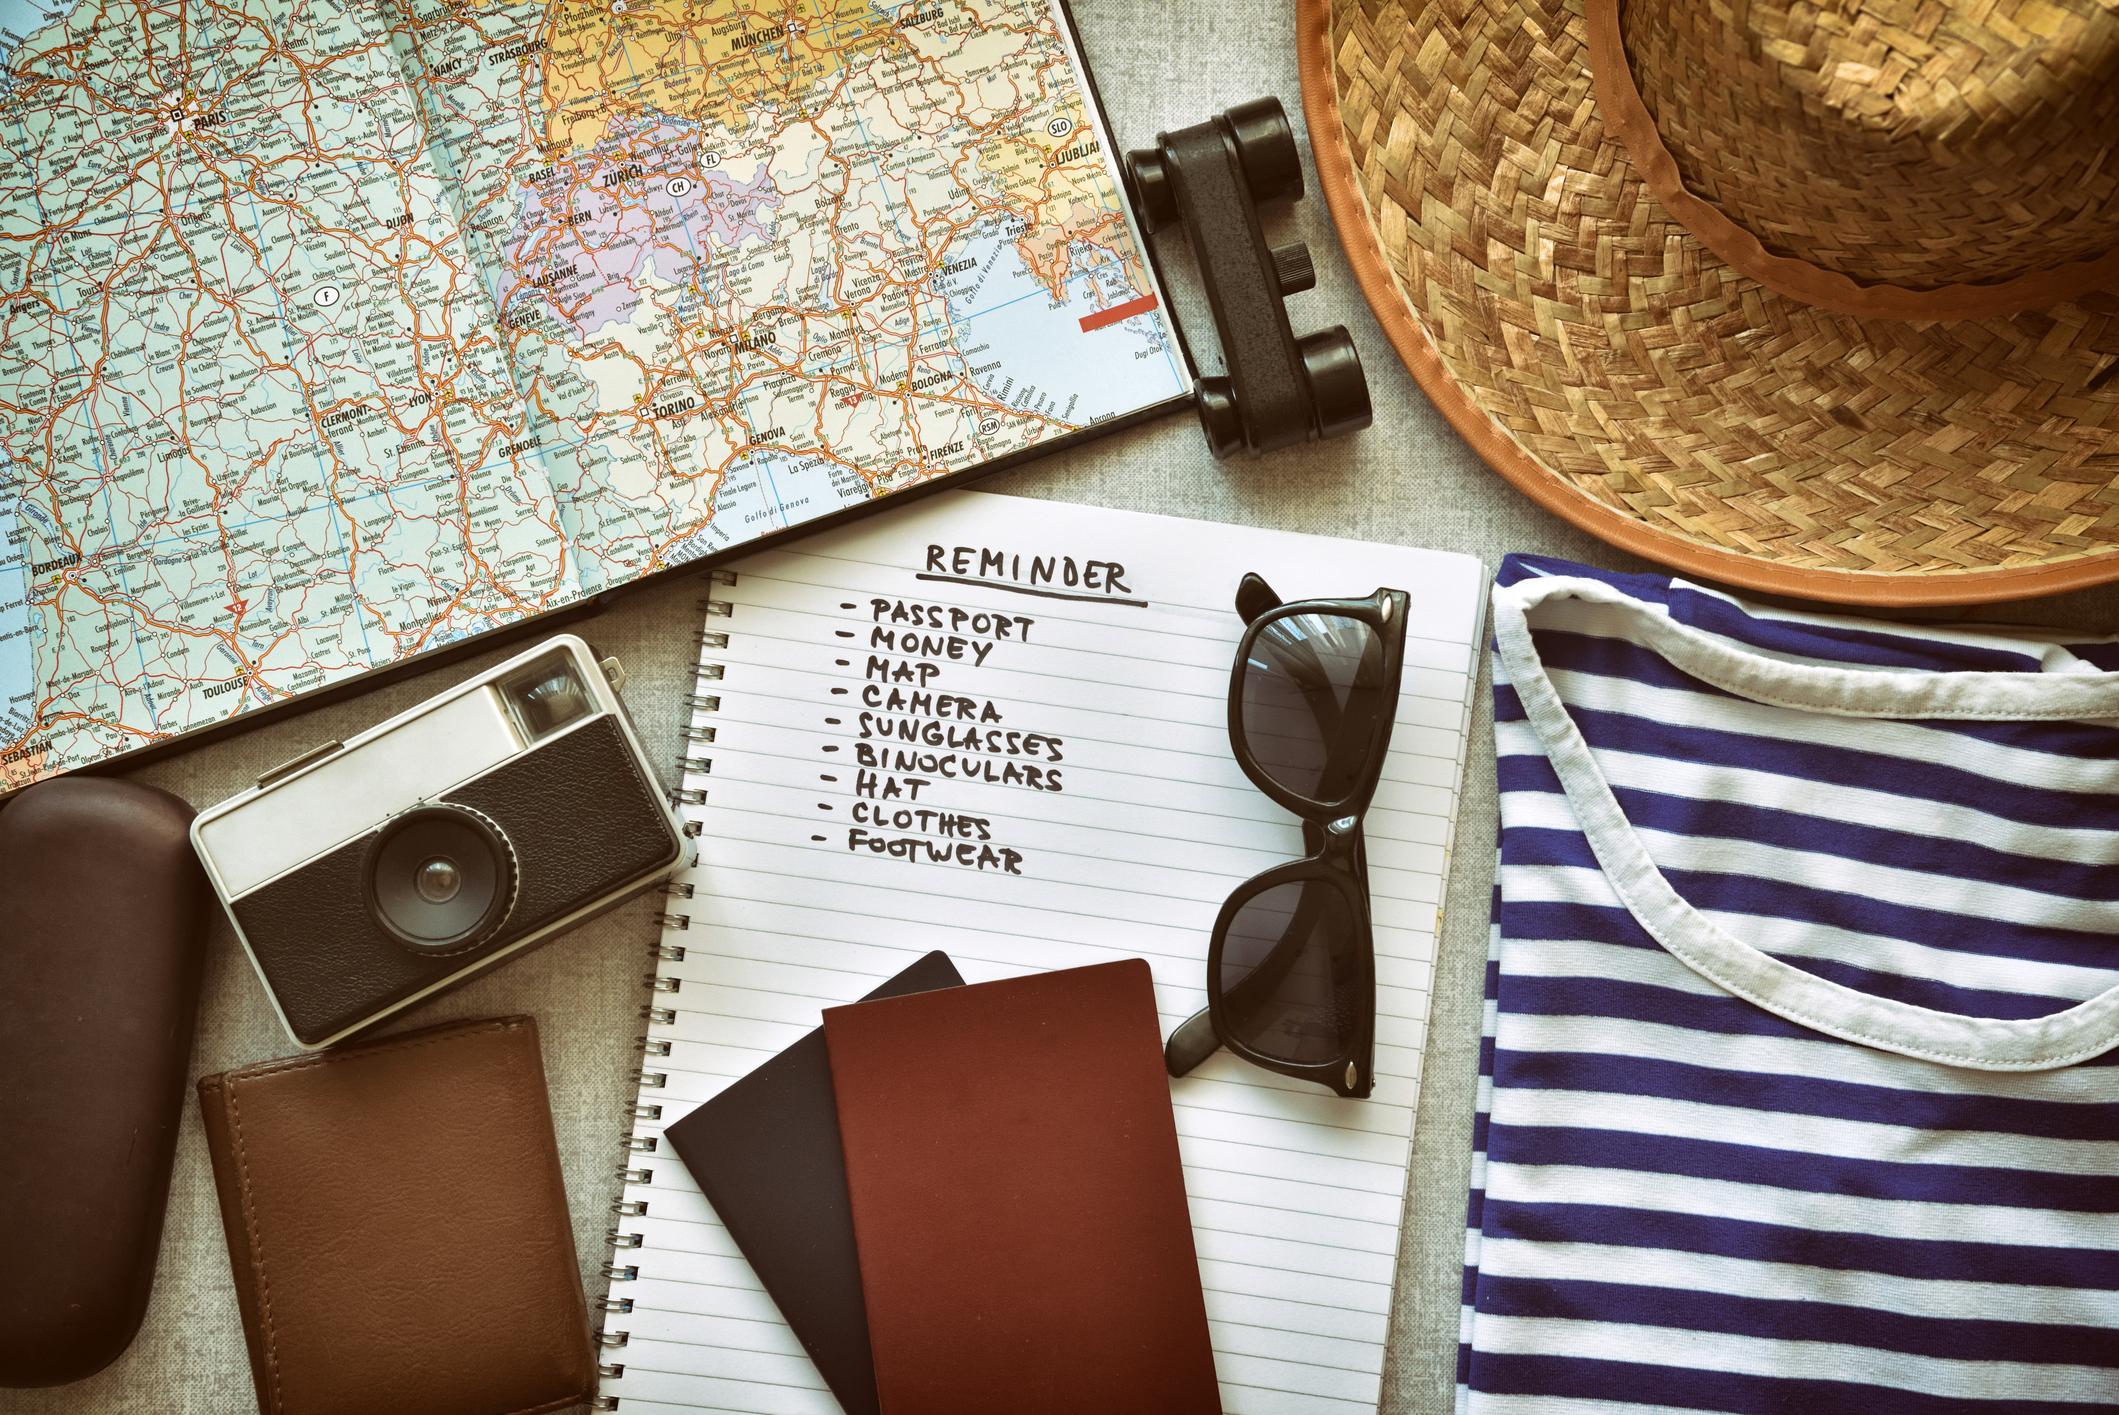 Die ultimative Checkliste für den Urlaub mit Kind - zum Ausdrucken!